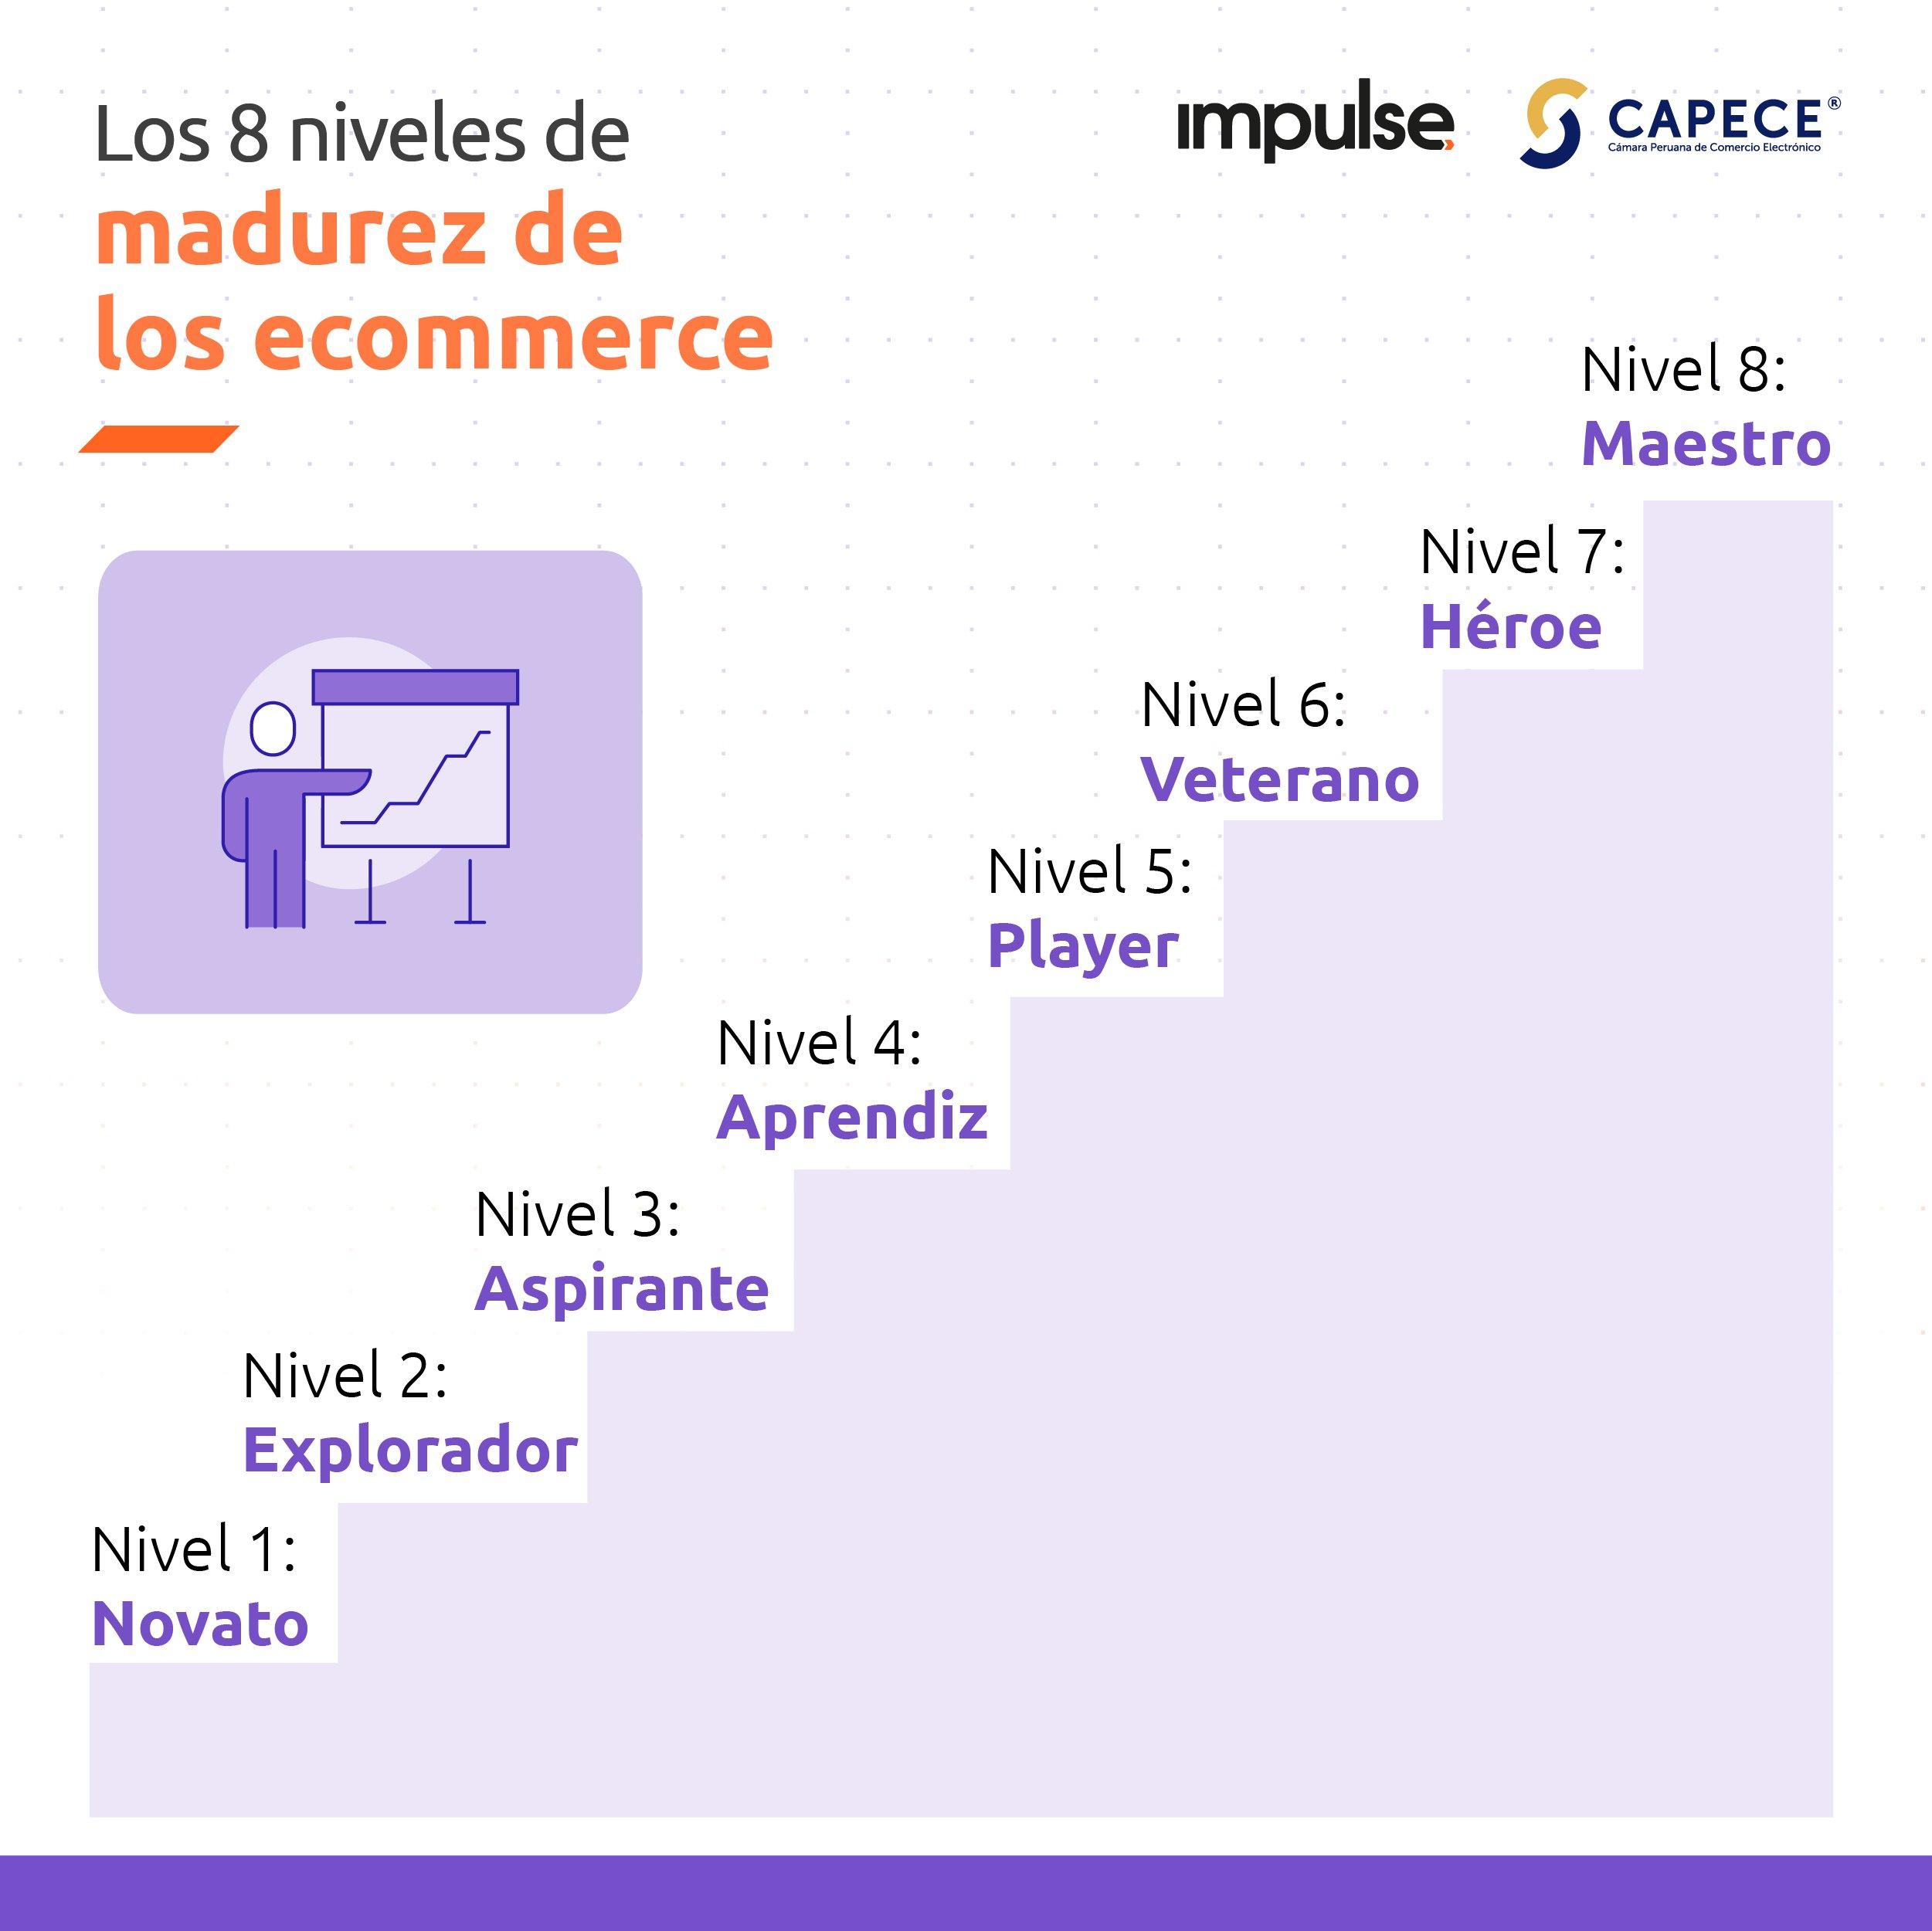 infografia niveles de madurez de los ecommerce